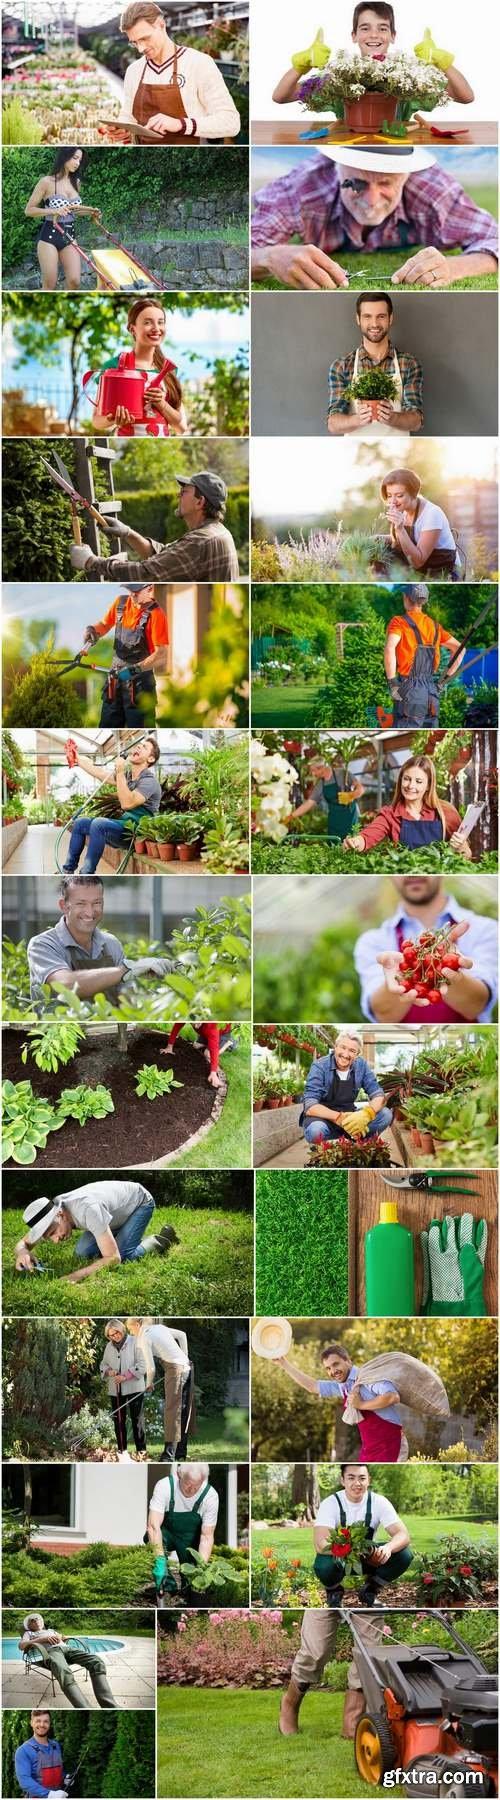 Farmer gardener garden landscaping 25 HQ Jpeg